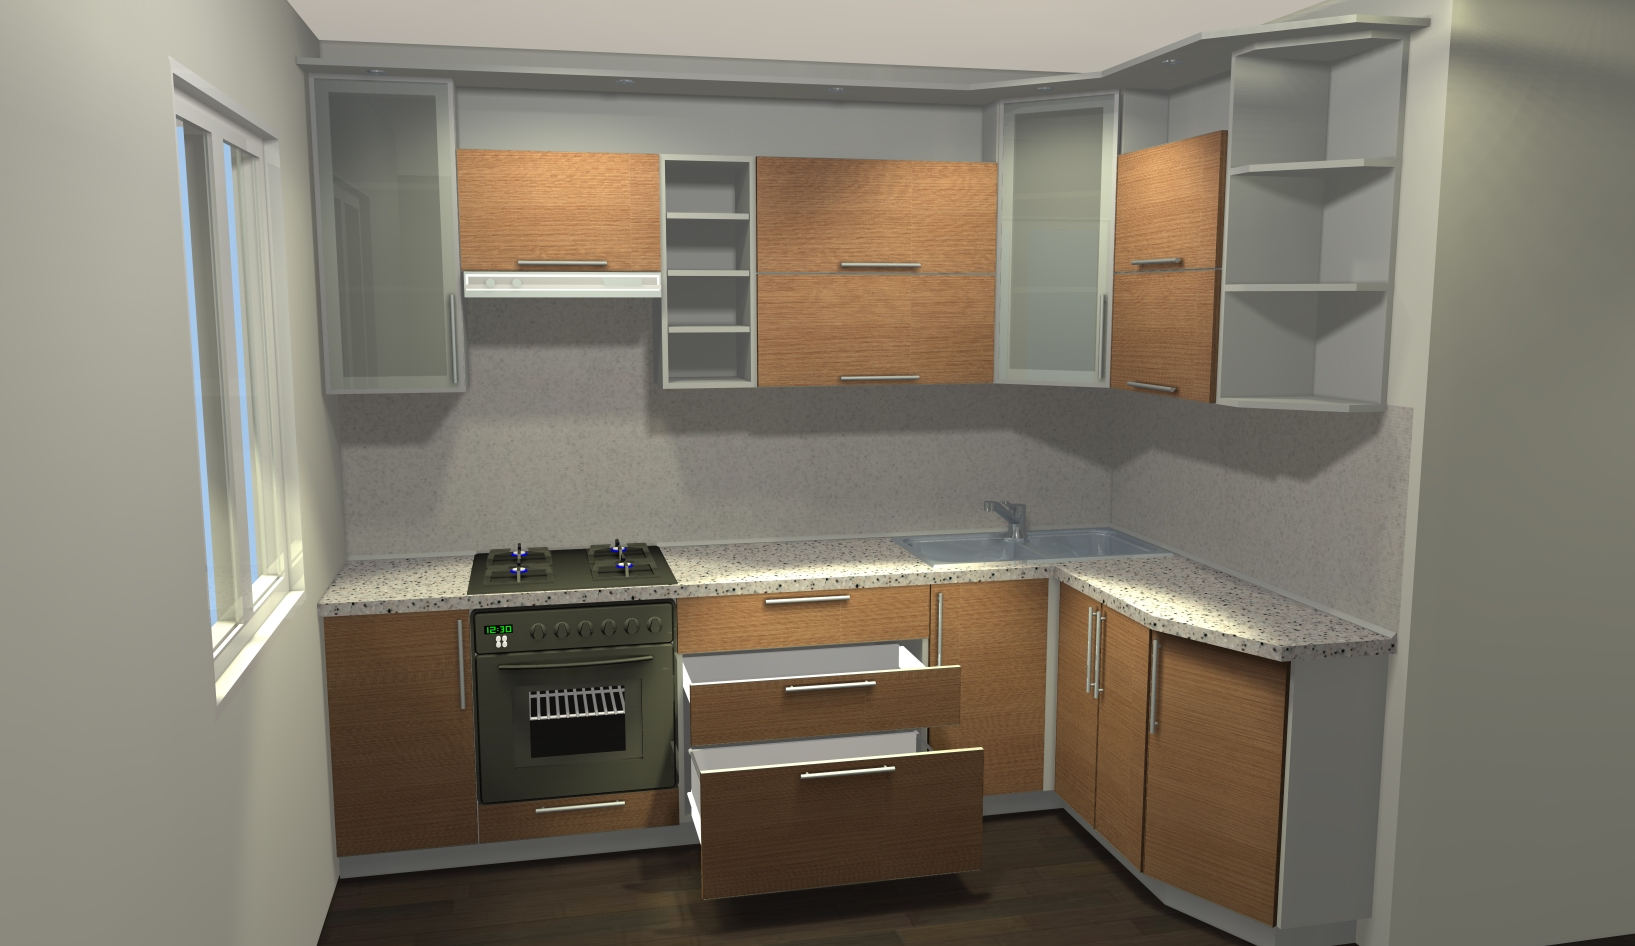 Как установить кухонный гарнитур своими руками - пошаговая схема действий